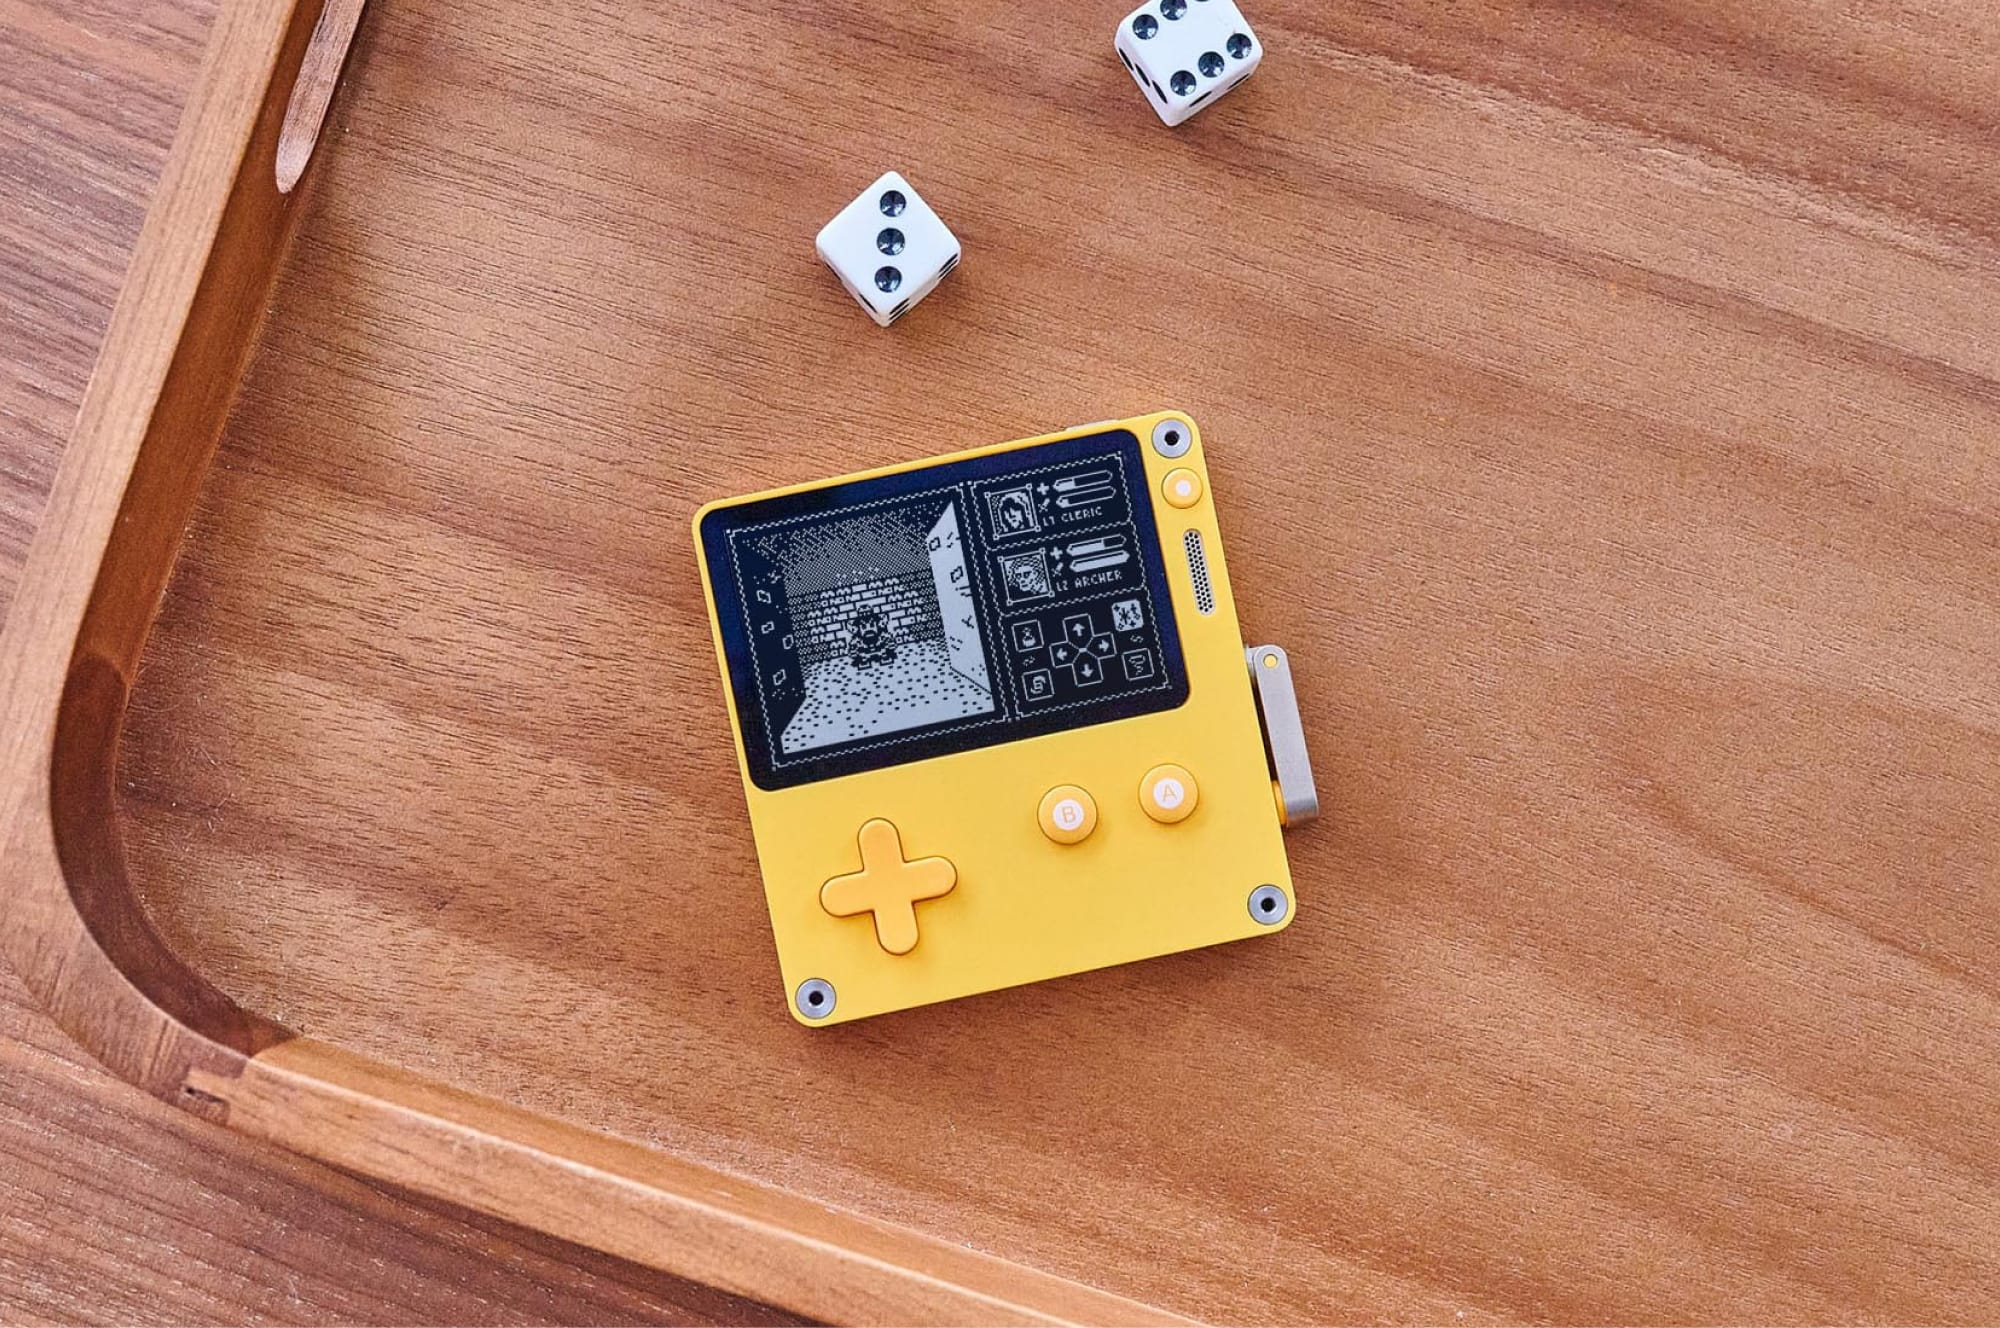 Playdate — Simplifying handheld gaming